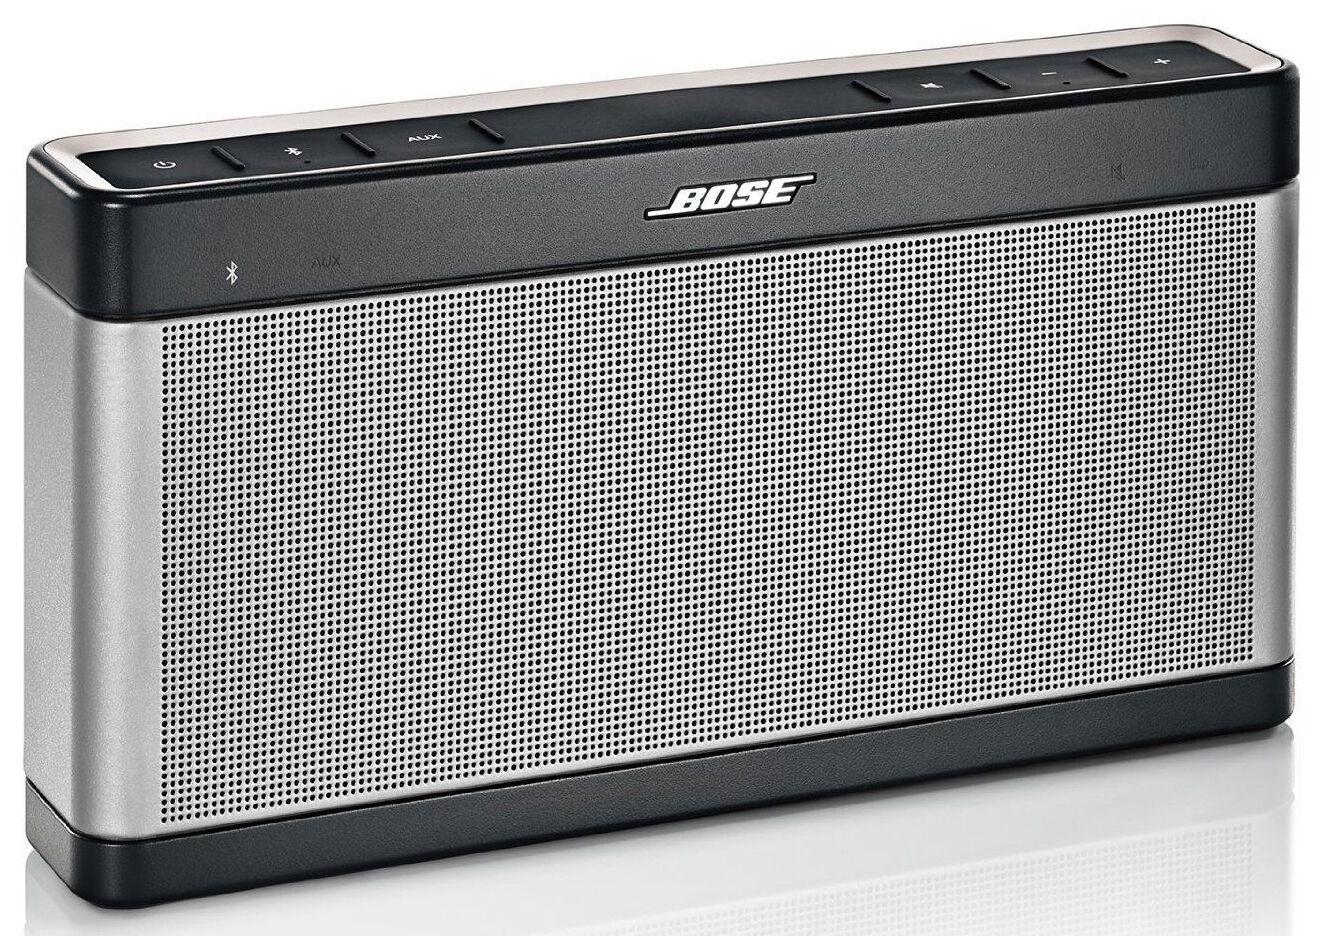 Used Bose Speakers Ebay Top 10